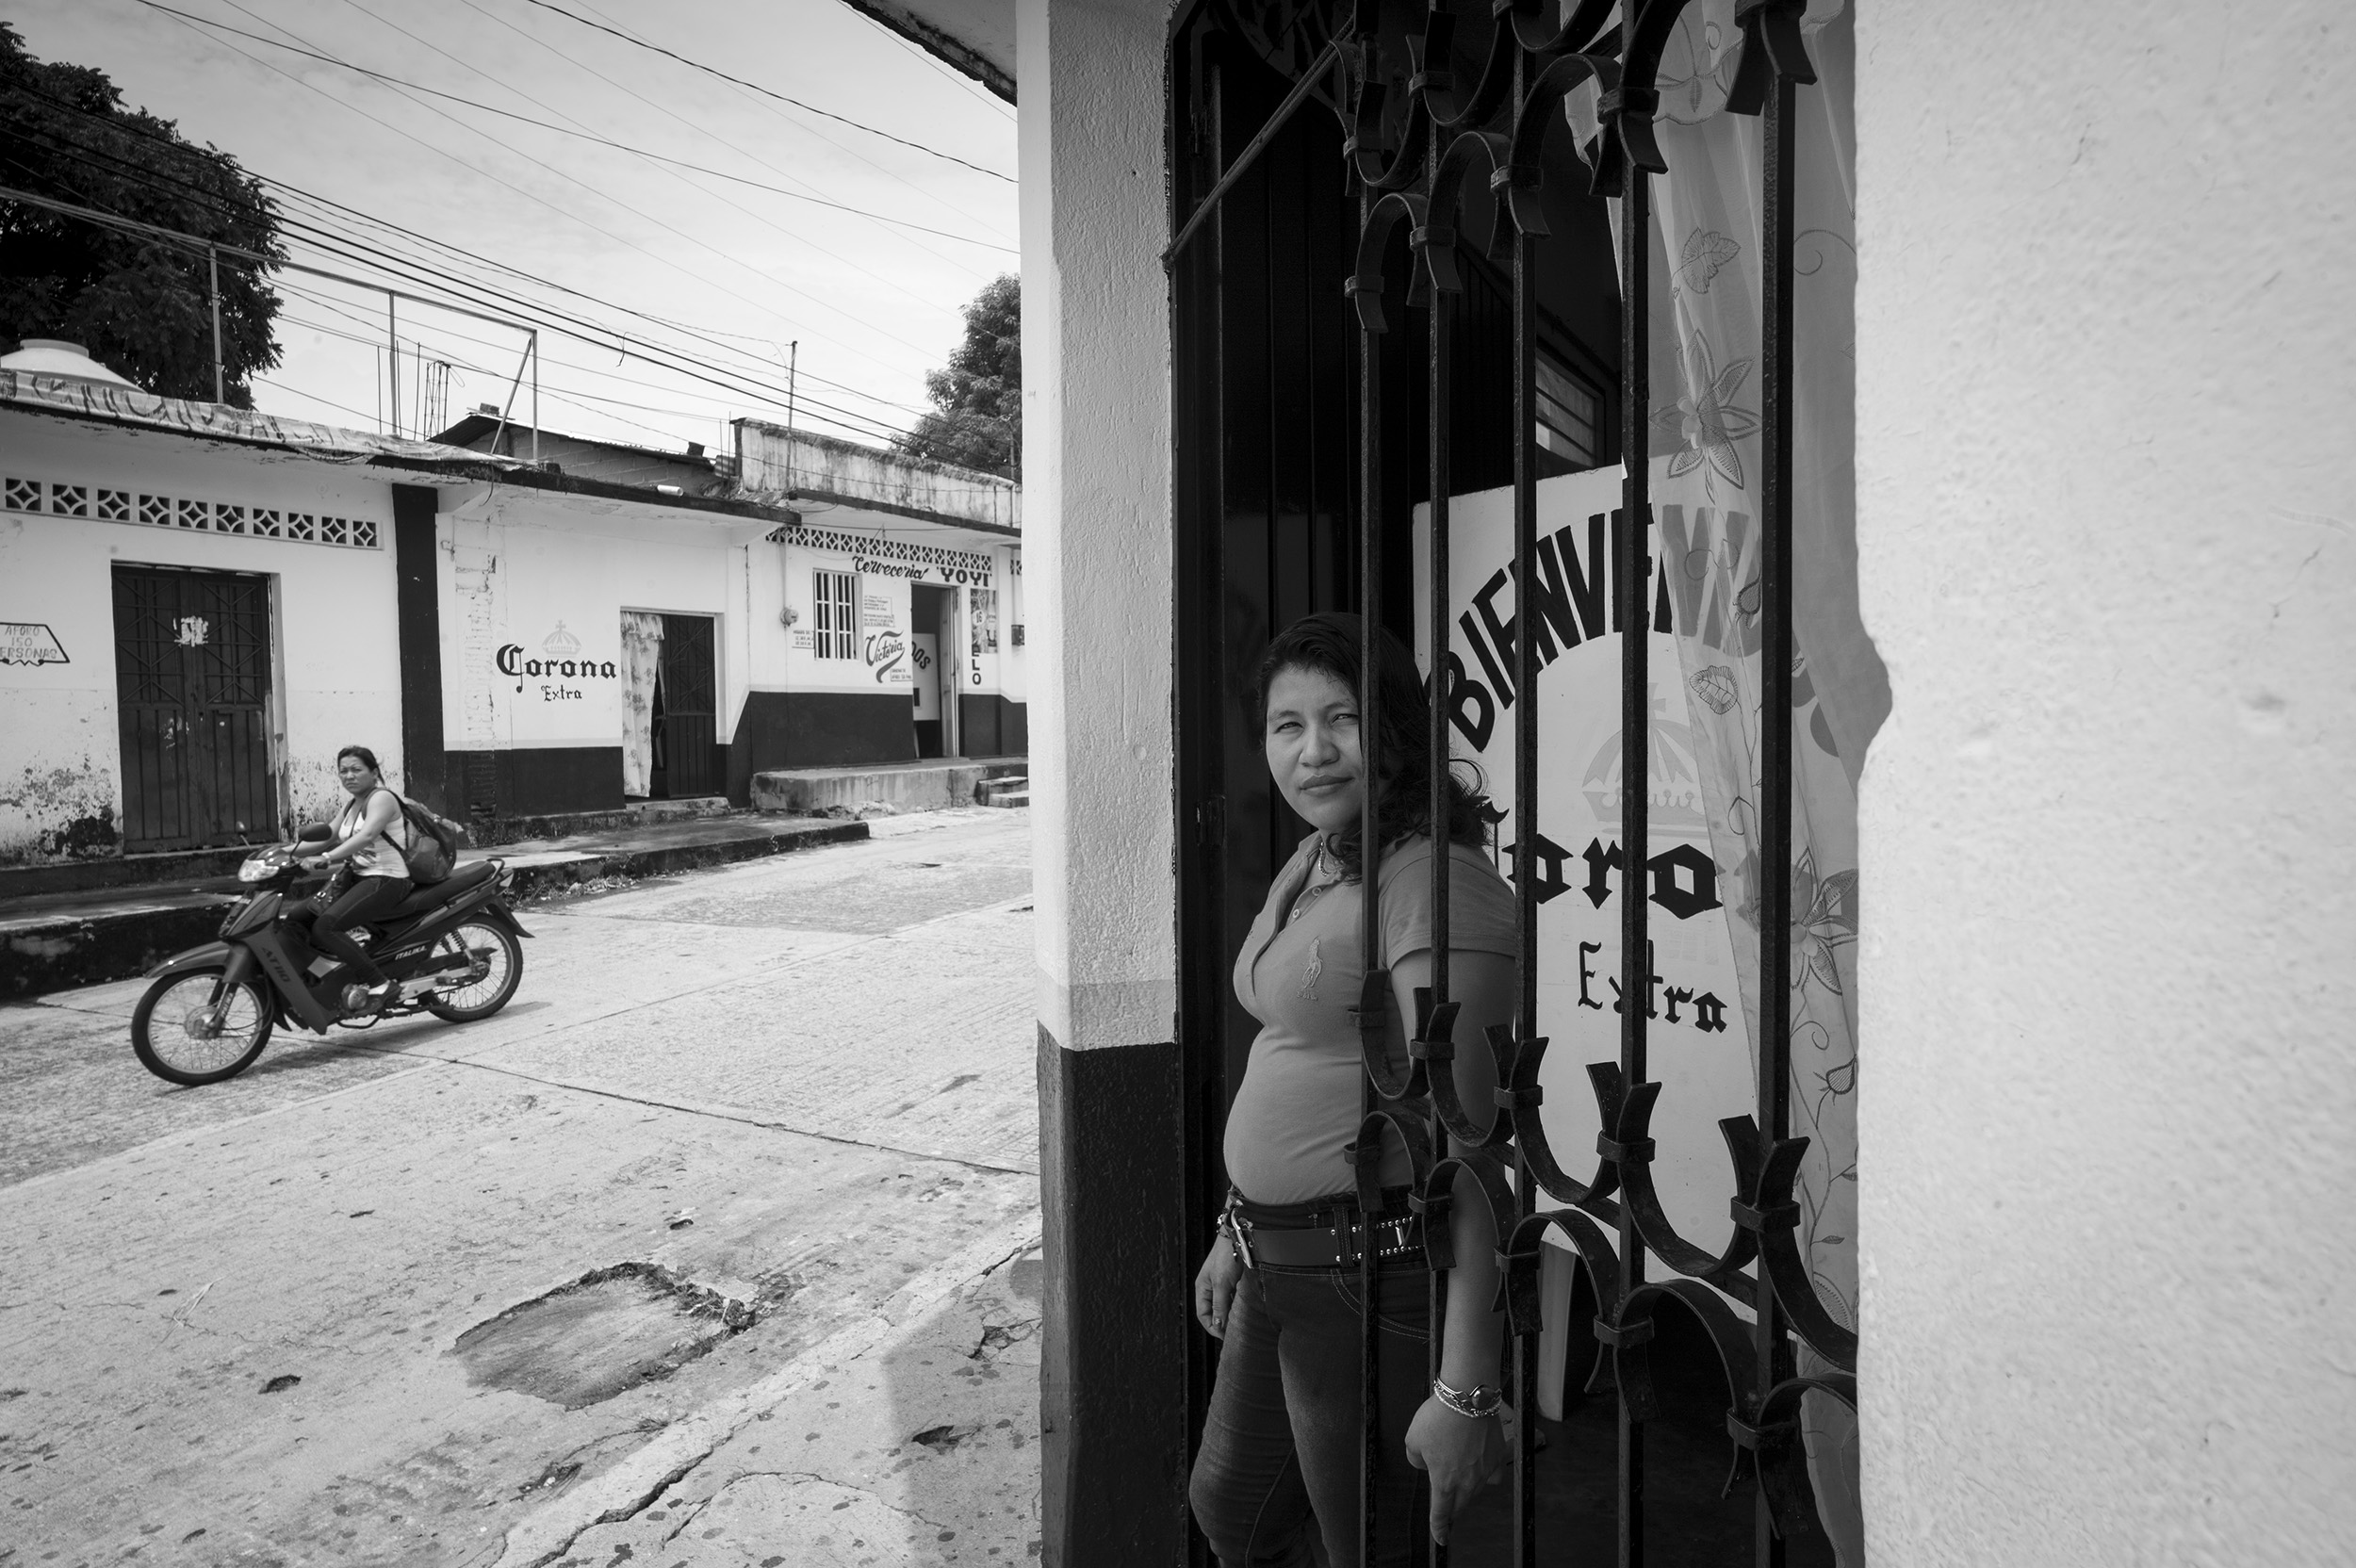 Huixtla, Mexico, 2017